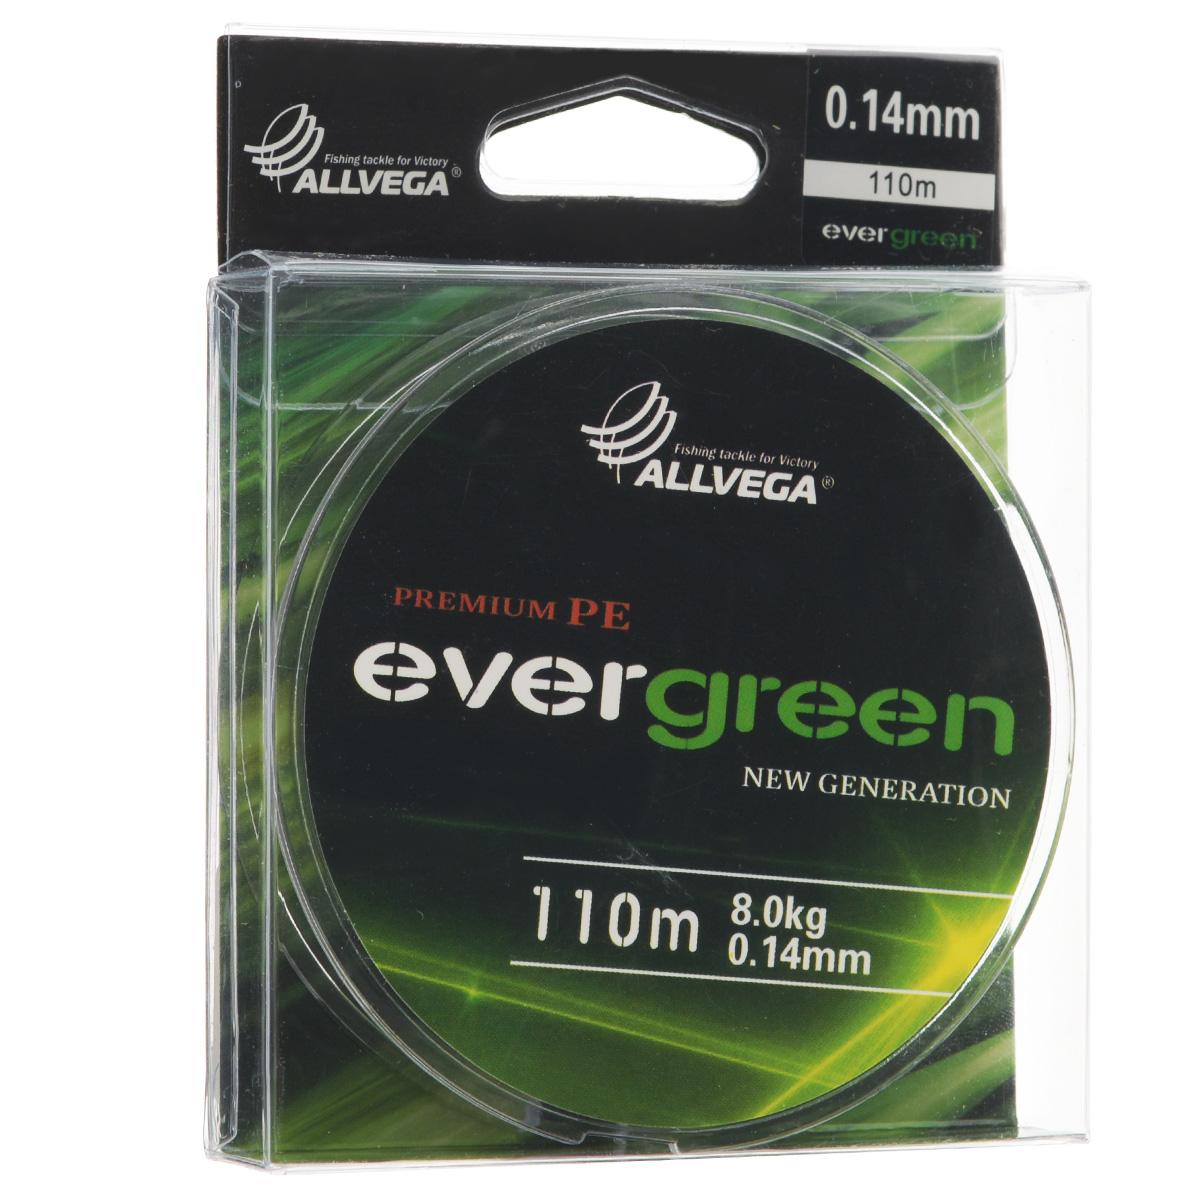 Леска плетеная Allvega Evergreen, цвет: темно-зеленый, 110 м, 0,14 мм, 8 кг46927Плетеная леска Allvega Evergreen очень прочная и способна выдержать сильные нагрузки. Благодаря высококачественному сырью леска Allvega Allvega Evergreen максимально устойчива к любым погодным условиям и особенностям каждого водоема. При традиционных методах производства плетеные шнуры со временем теряют свой цвет (покрытие), а вместе с ним и часть своих полезных физических свойств. Революционно новый подход в технологии изготовления лесок Allvega Evergreen позволяет забыть о проблеме потери цвета в процессе использования шнура. Он всегда будет зеленым - он просто не может быть другим!